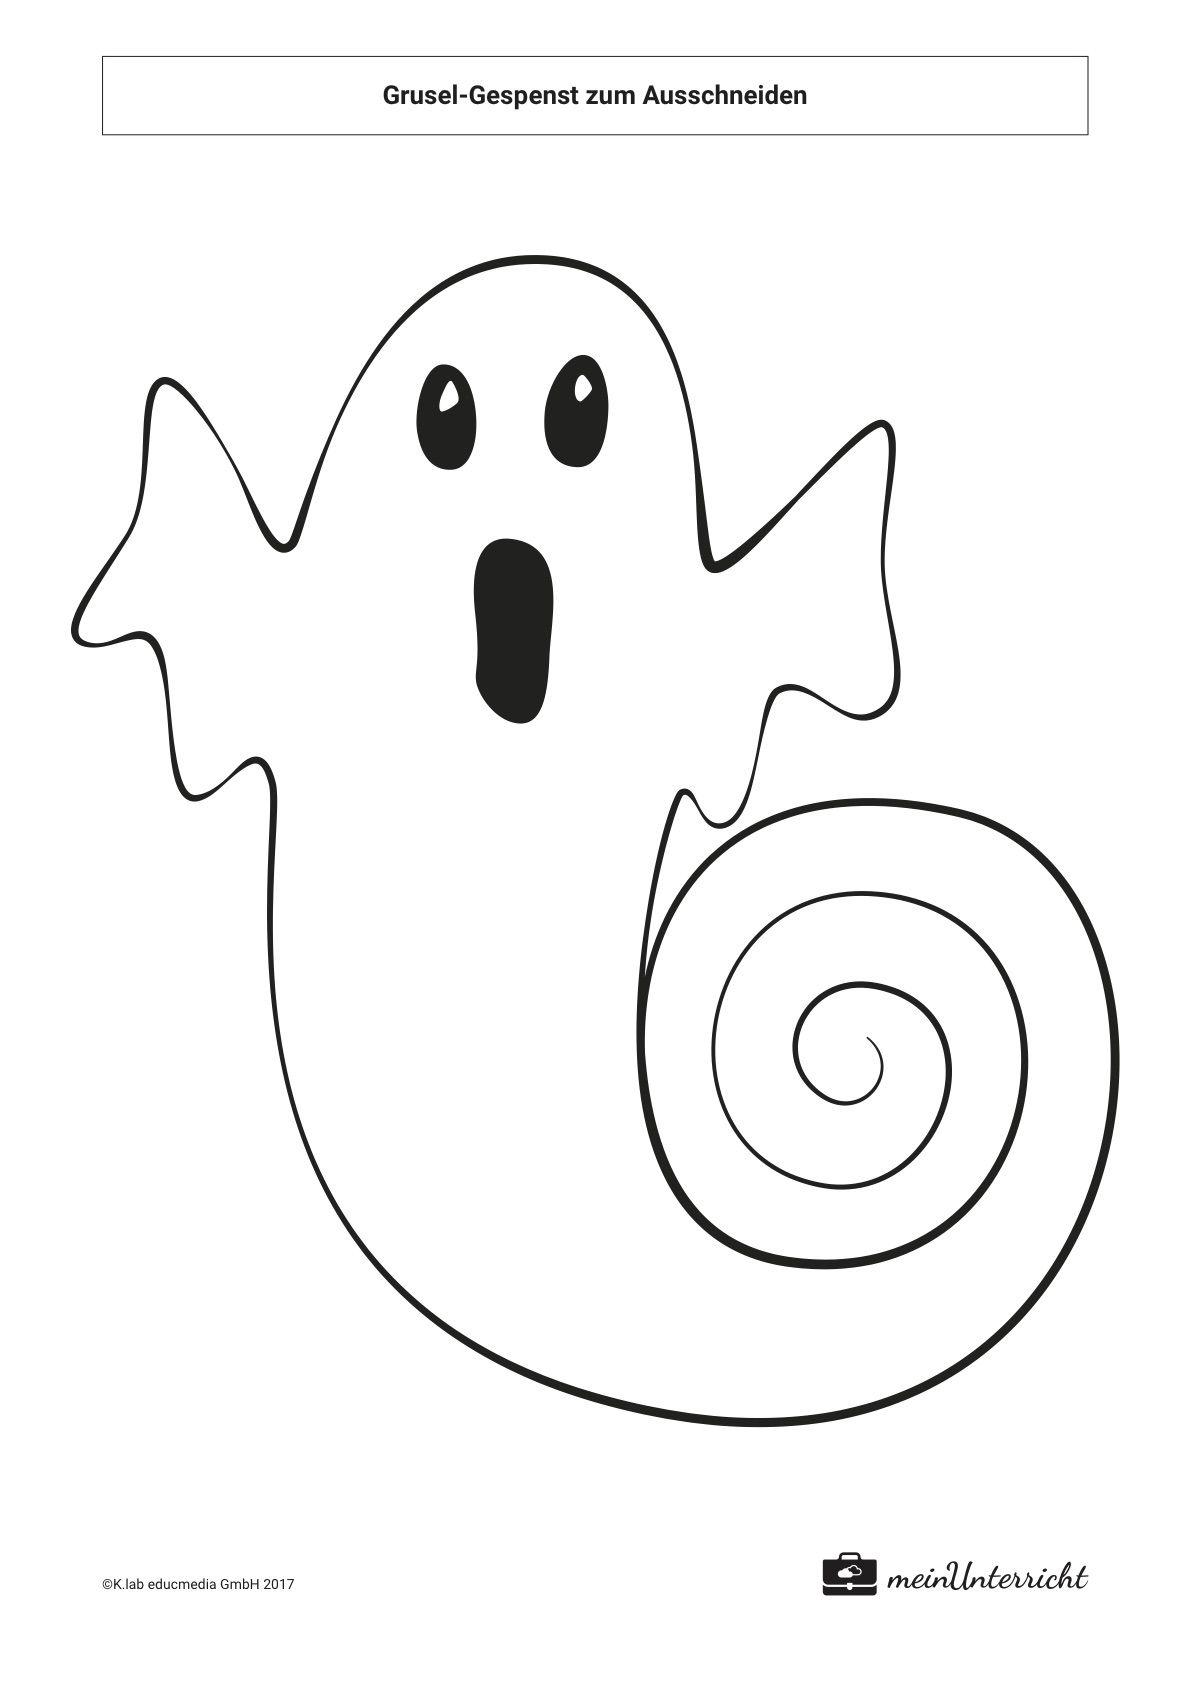 Unser Gruselgespenst zum Ausschneiden - zum Beispiel für Halloween ...